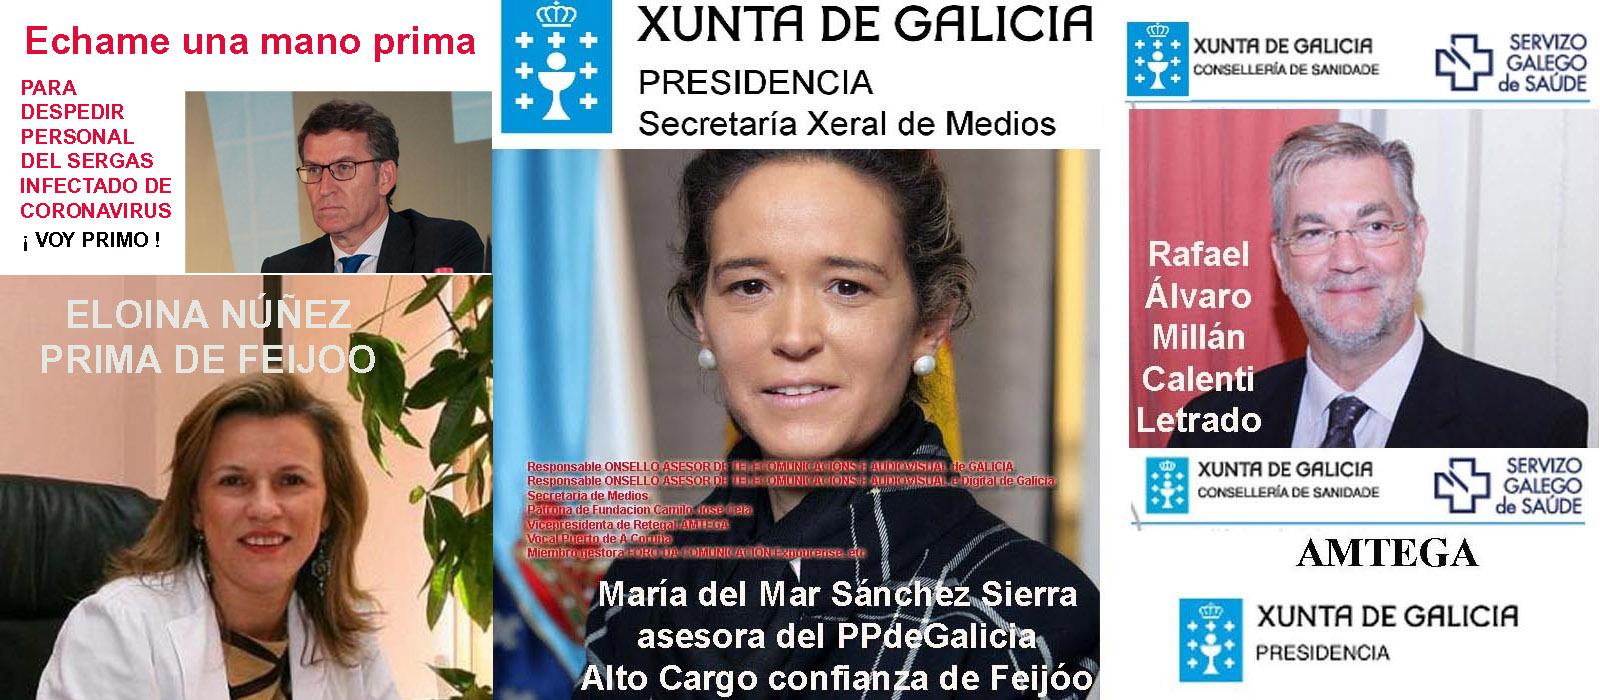 Feijóo utiliza a su prima Eloina Núñez para despedir del Sergas al personal  infectado como premio a su labor y de postre les pide dinero para luchar  contra el coronavirus. - Xornal